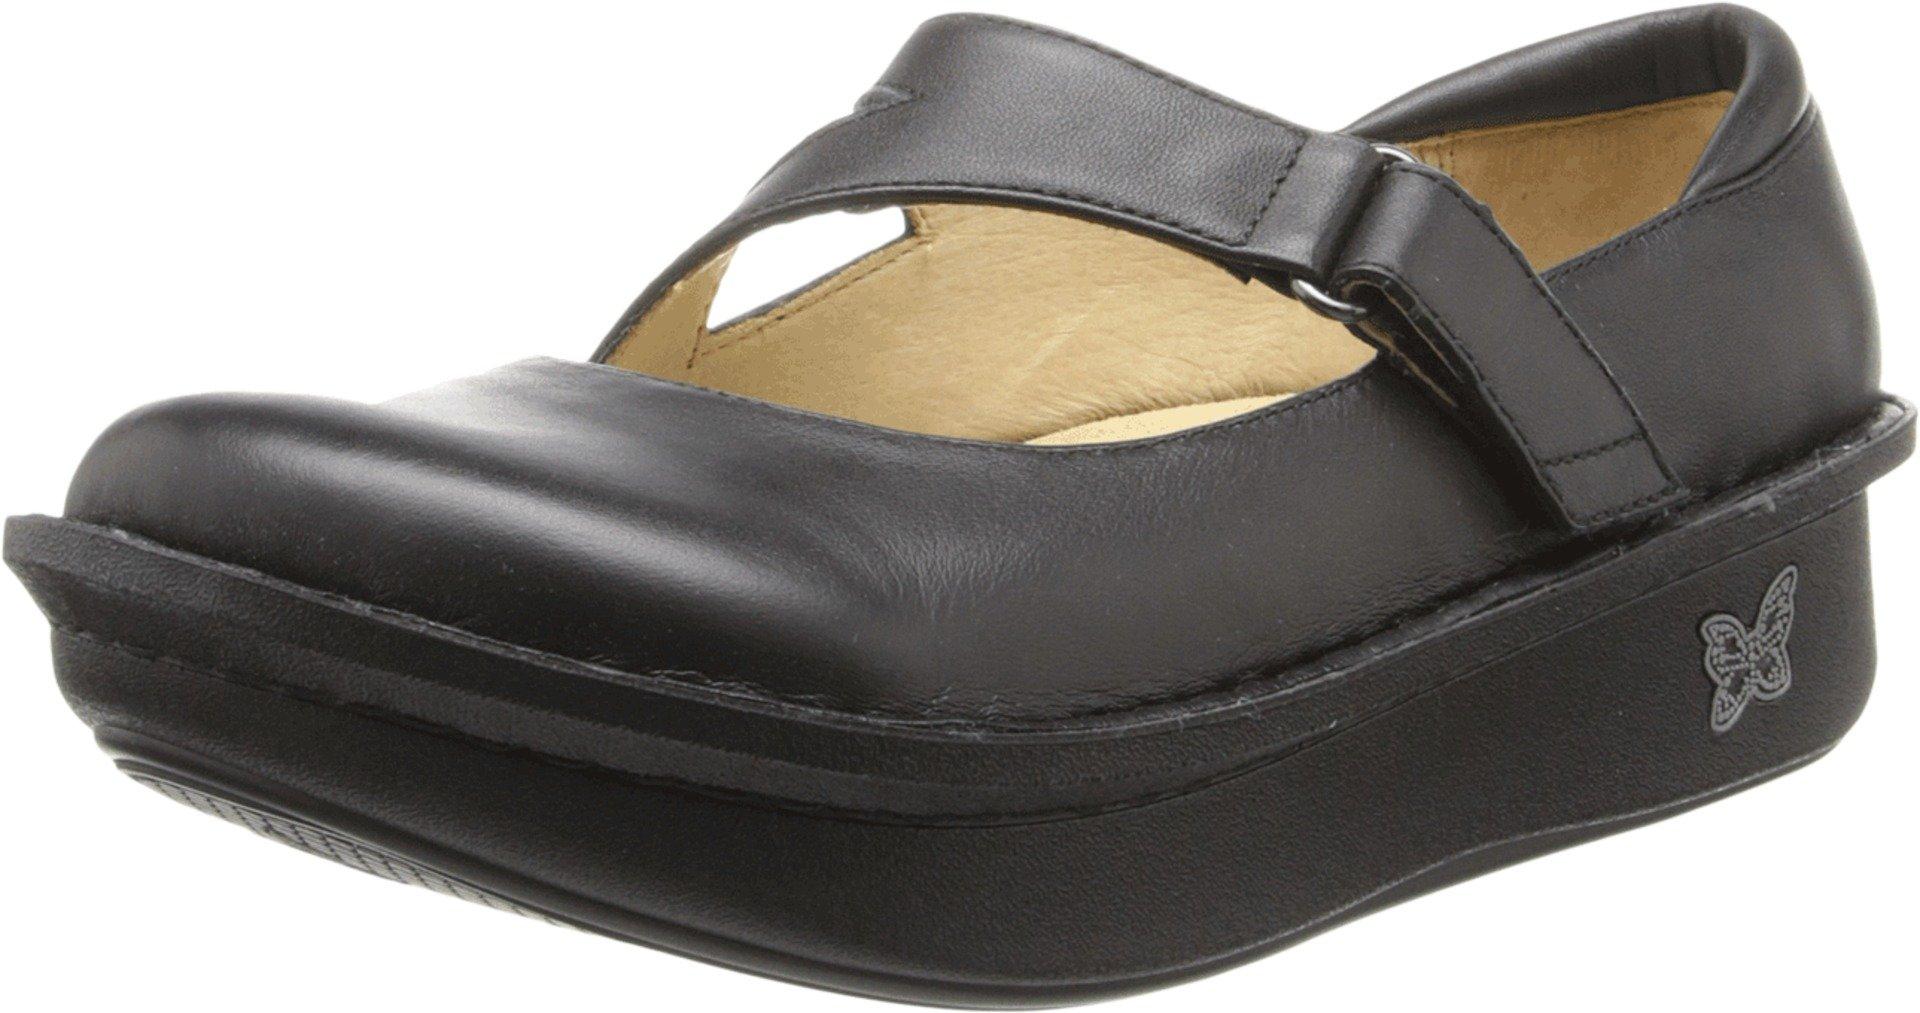 Alegria Women's Dayna Professional Black Napa Leather 38 W EU by Alegria